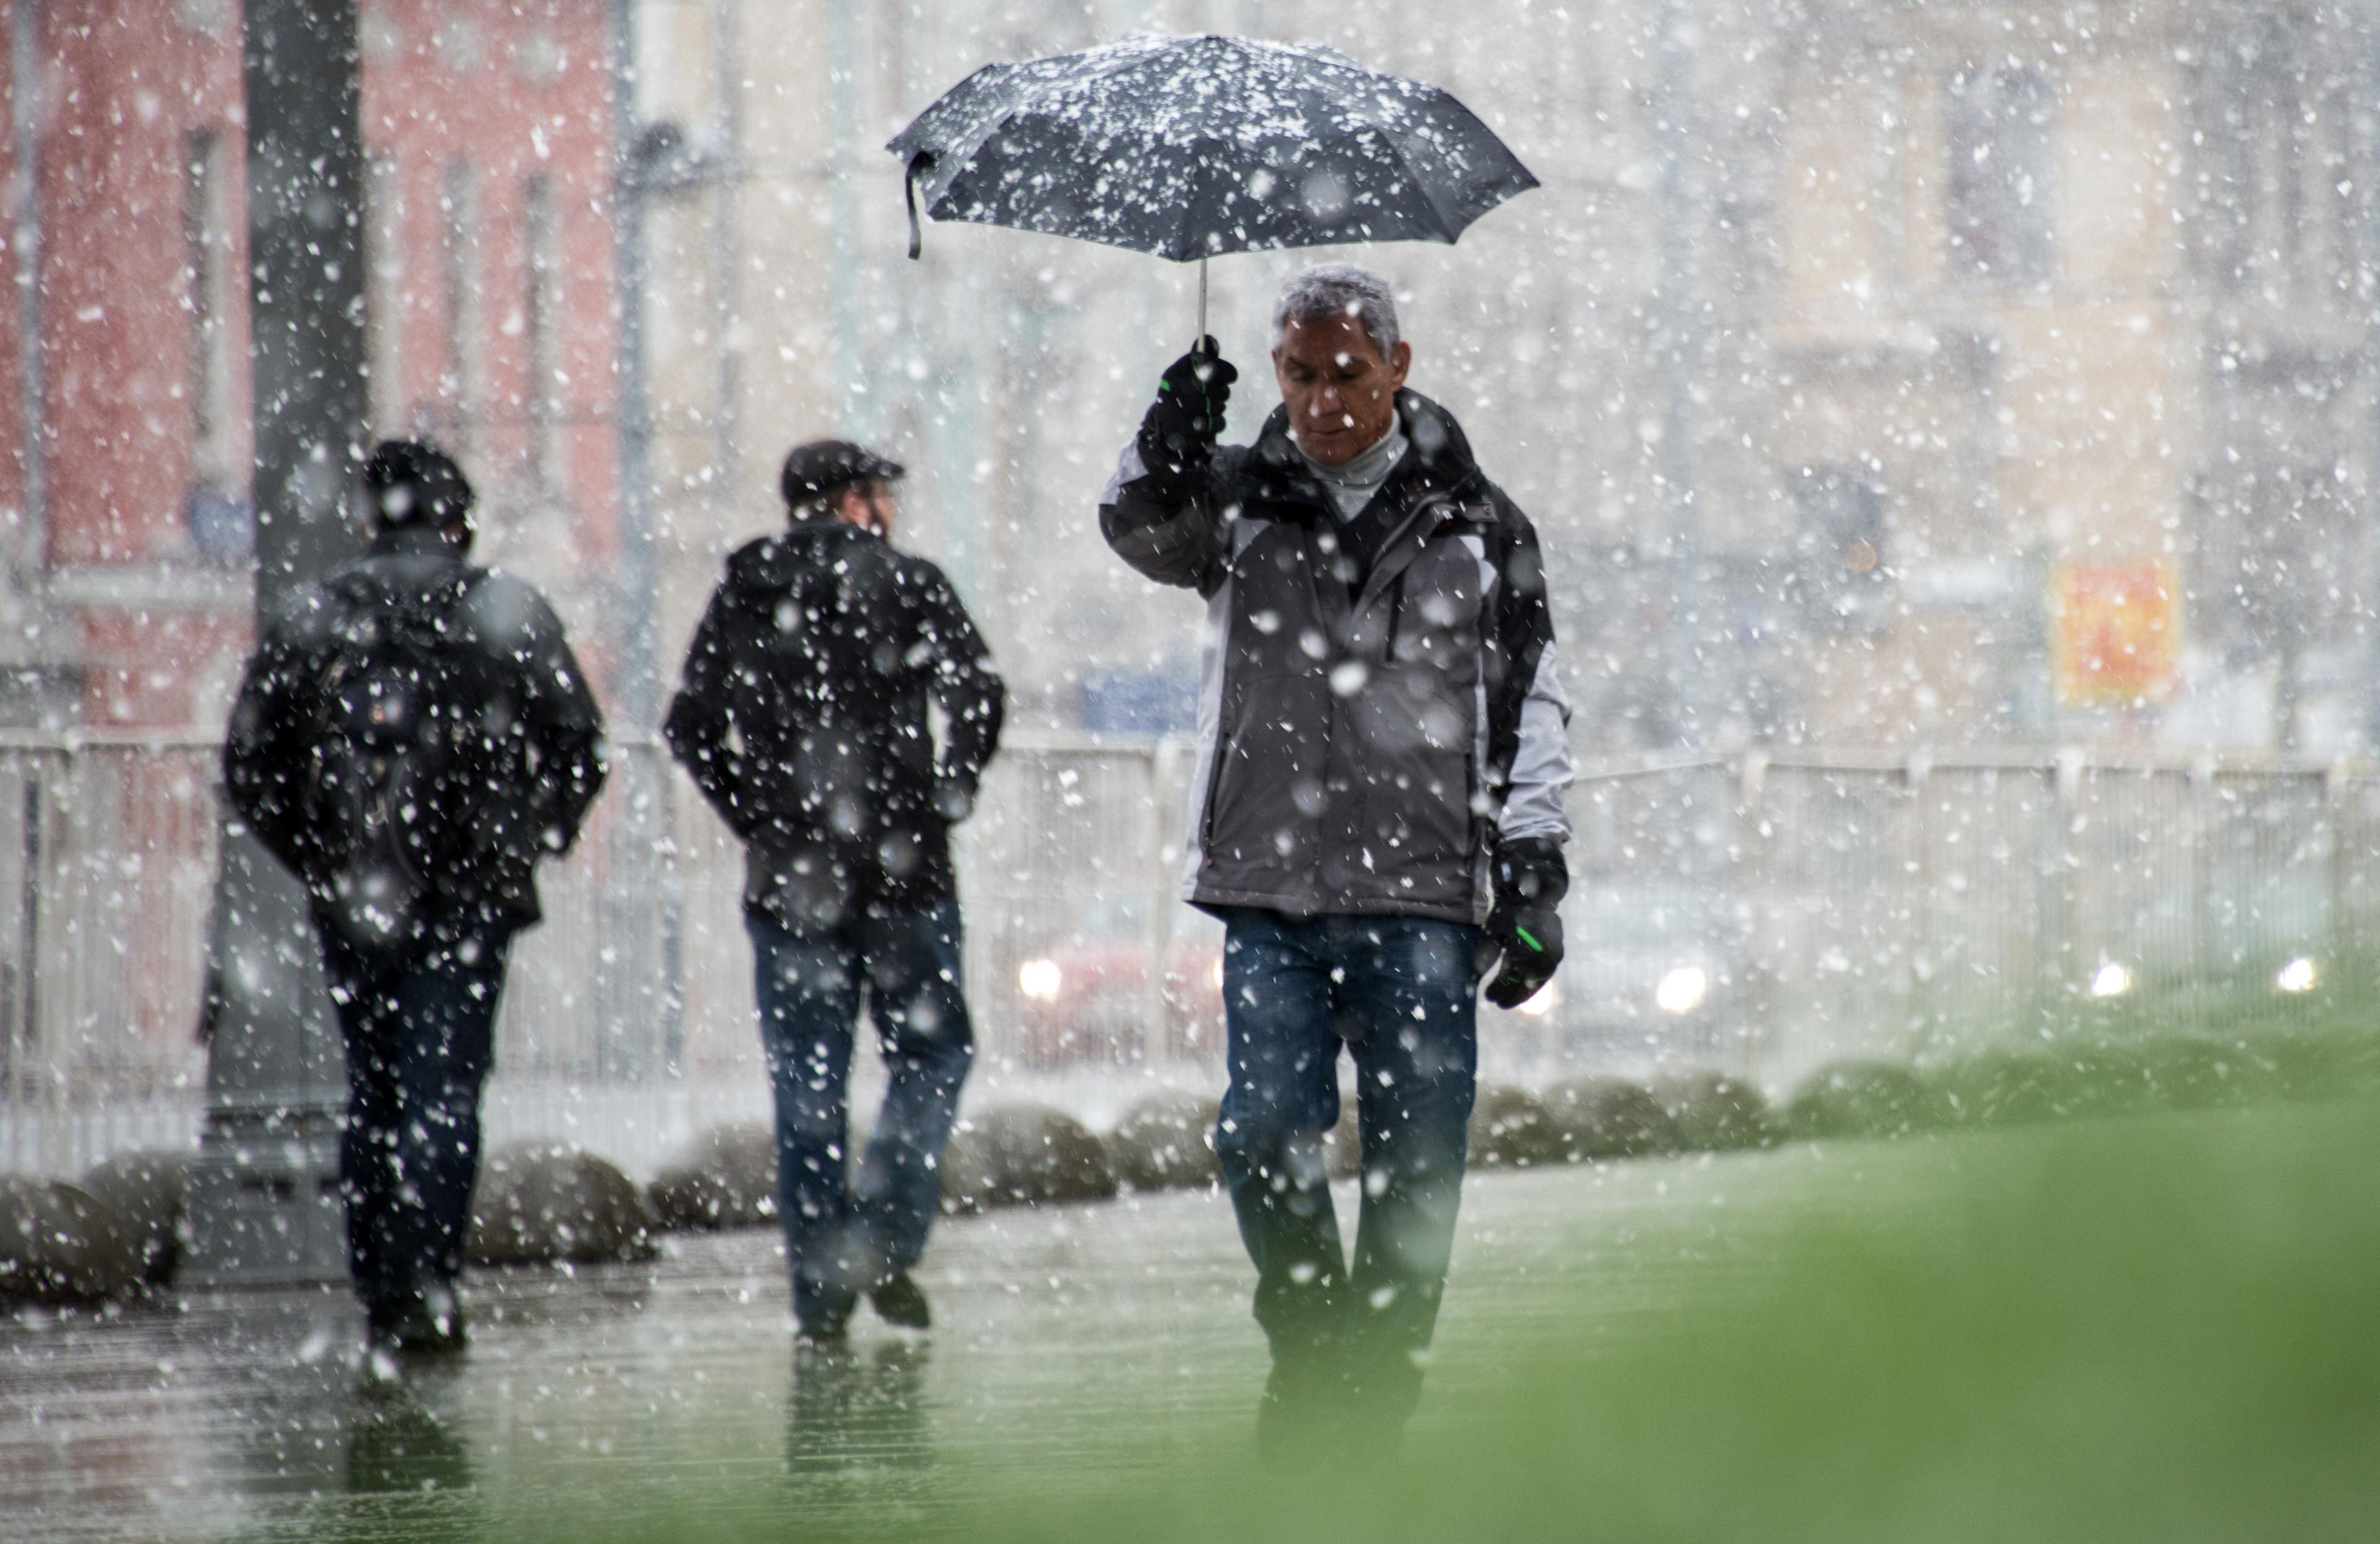 картинки холодно и дождь пройдите онлайн тест